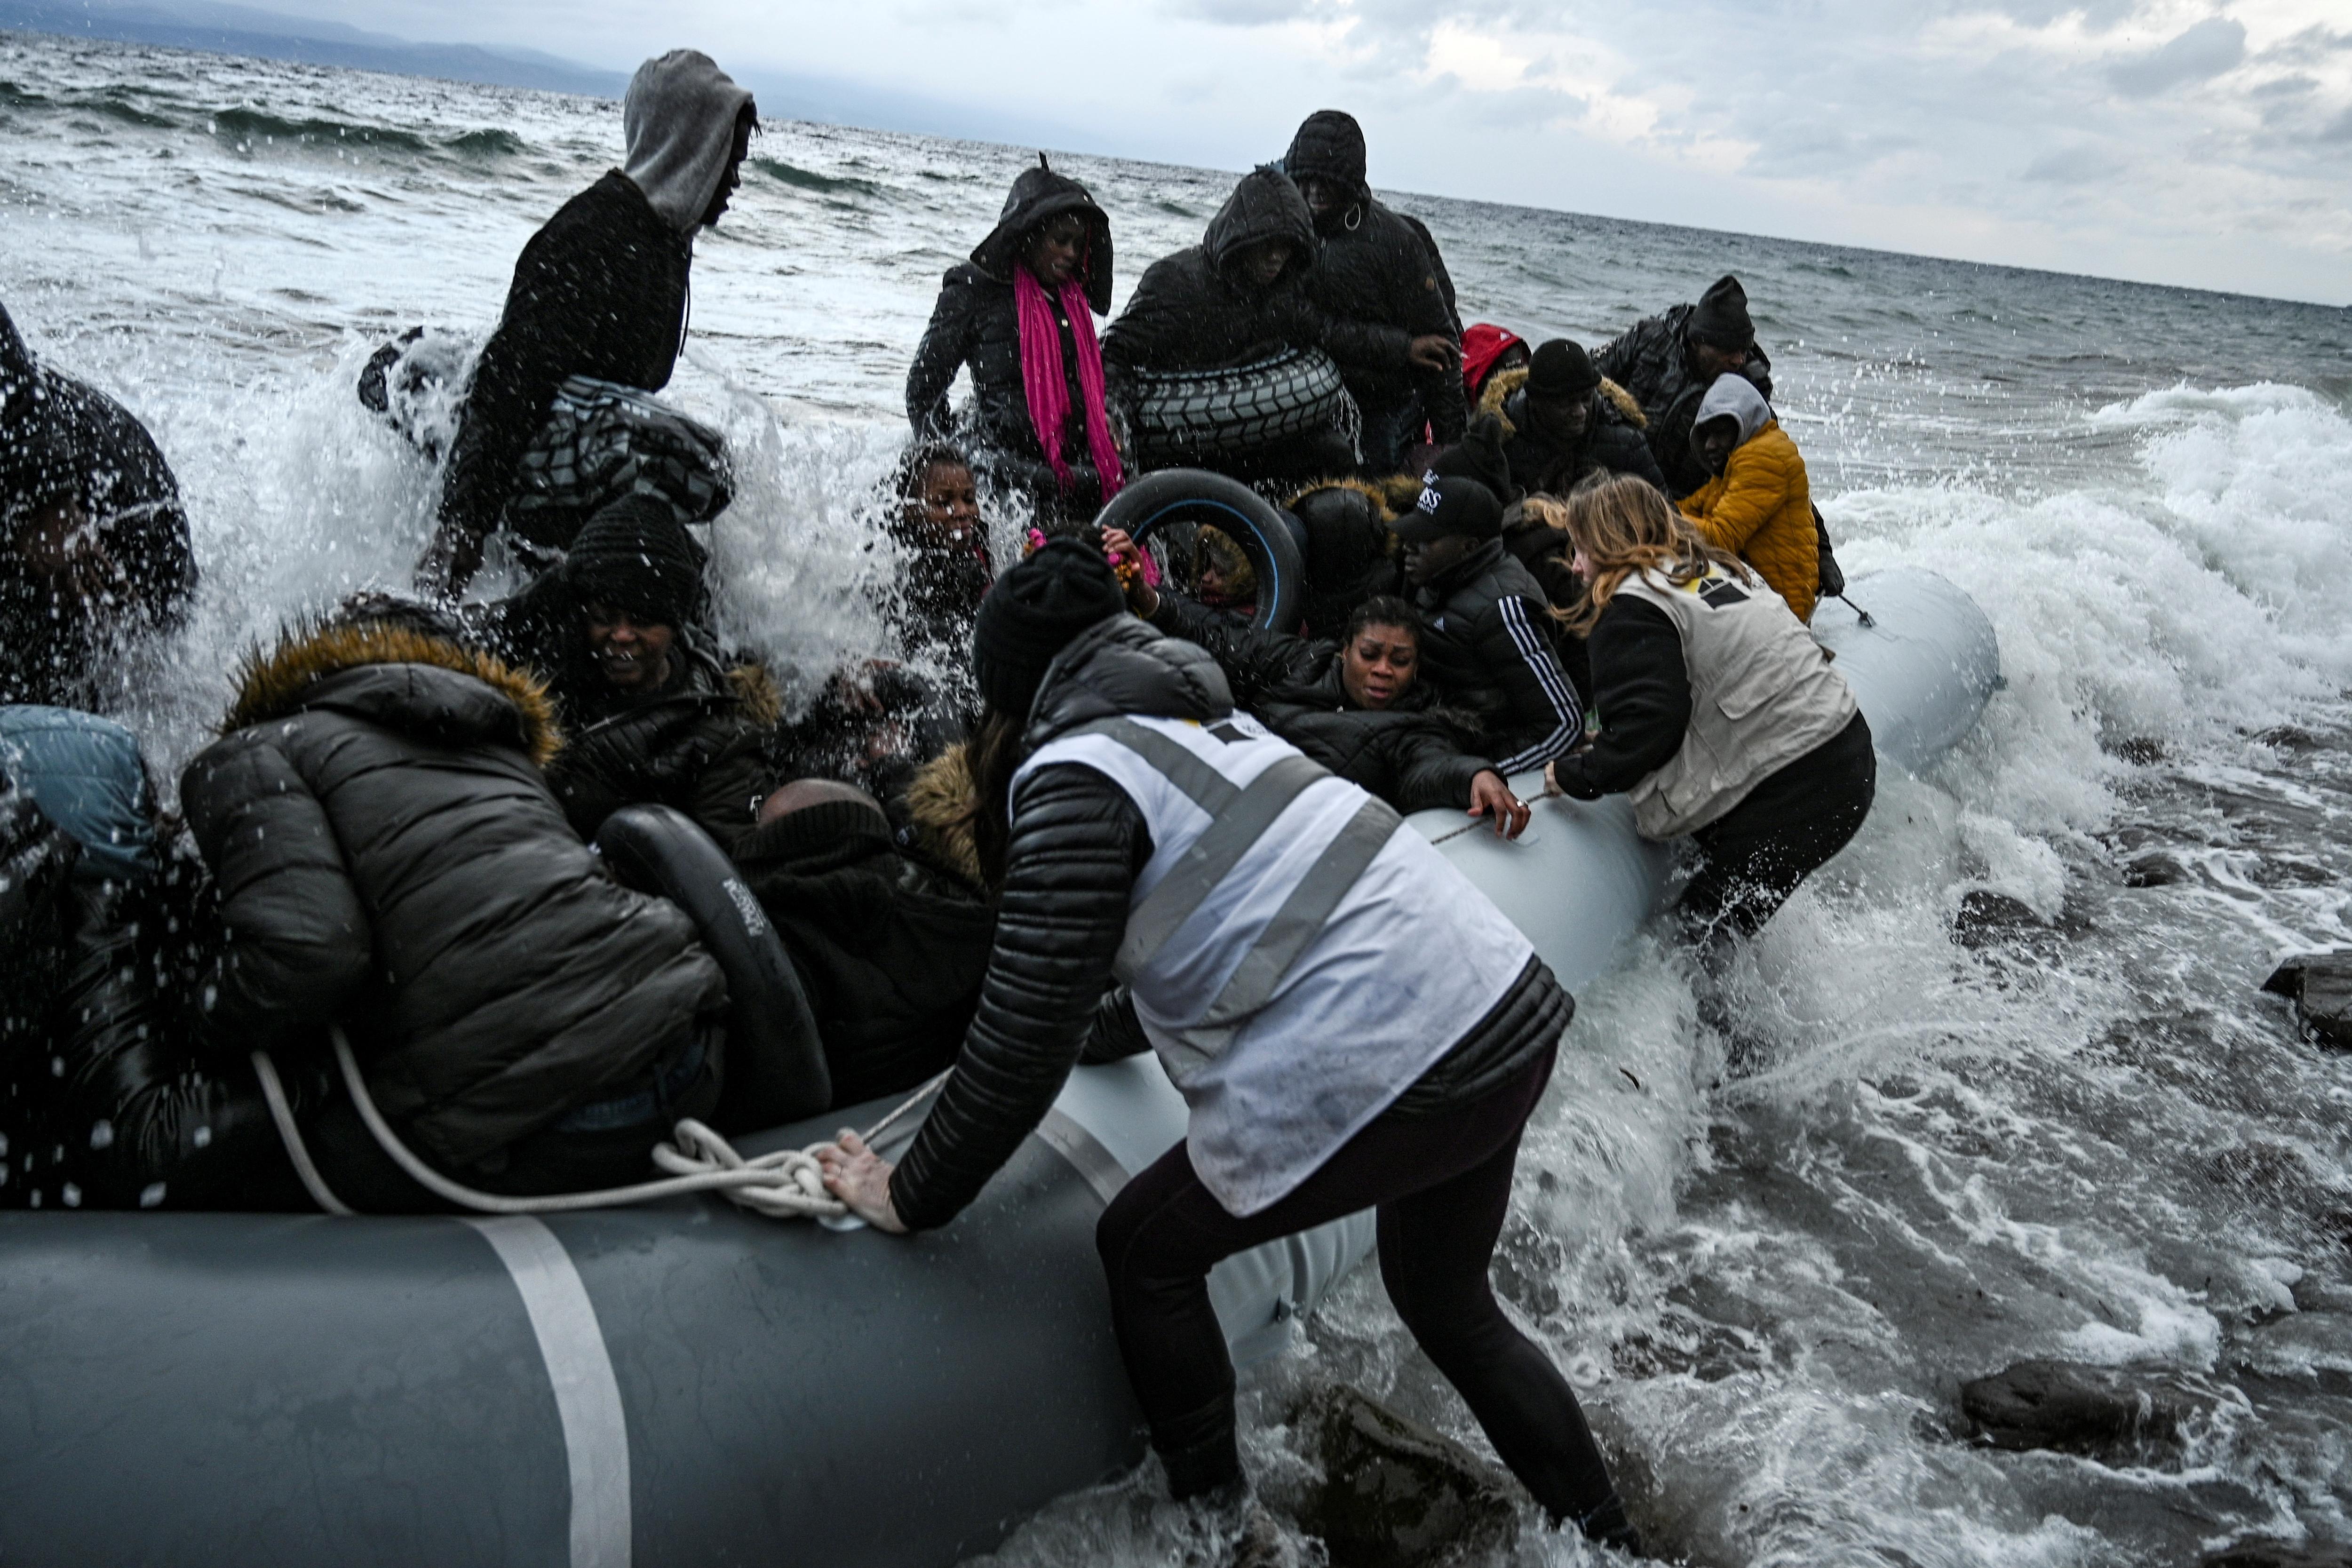 A görög kormány azzal vádolja Törökországot, hogy megint direkt rászabadítja Európára a migránsokat